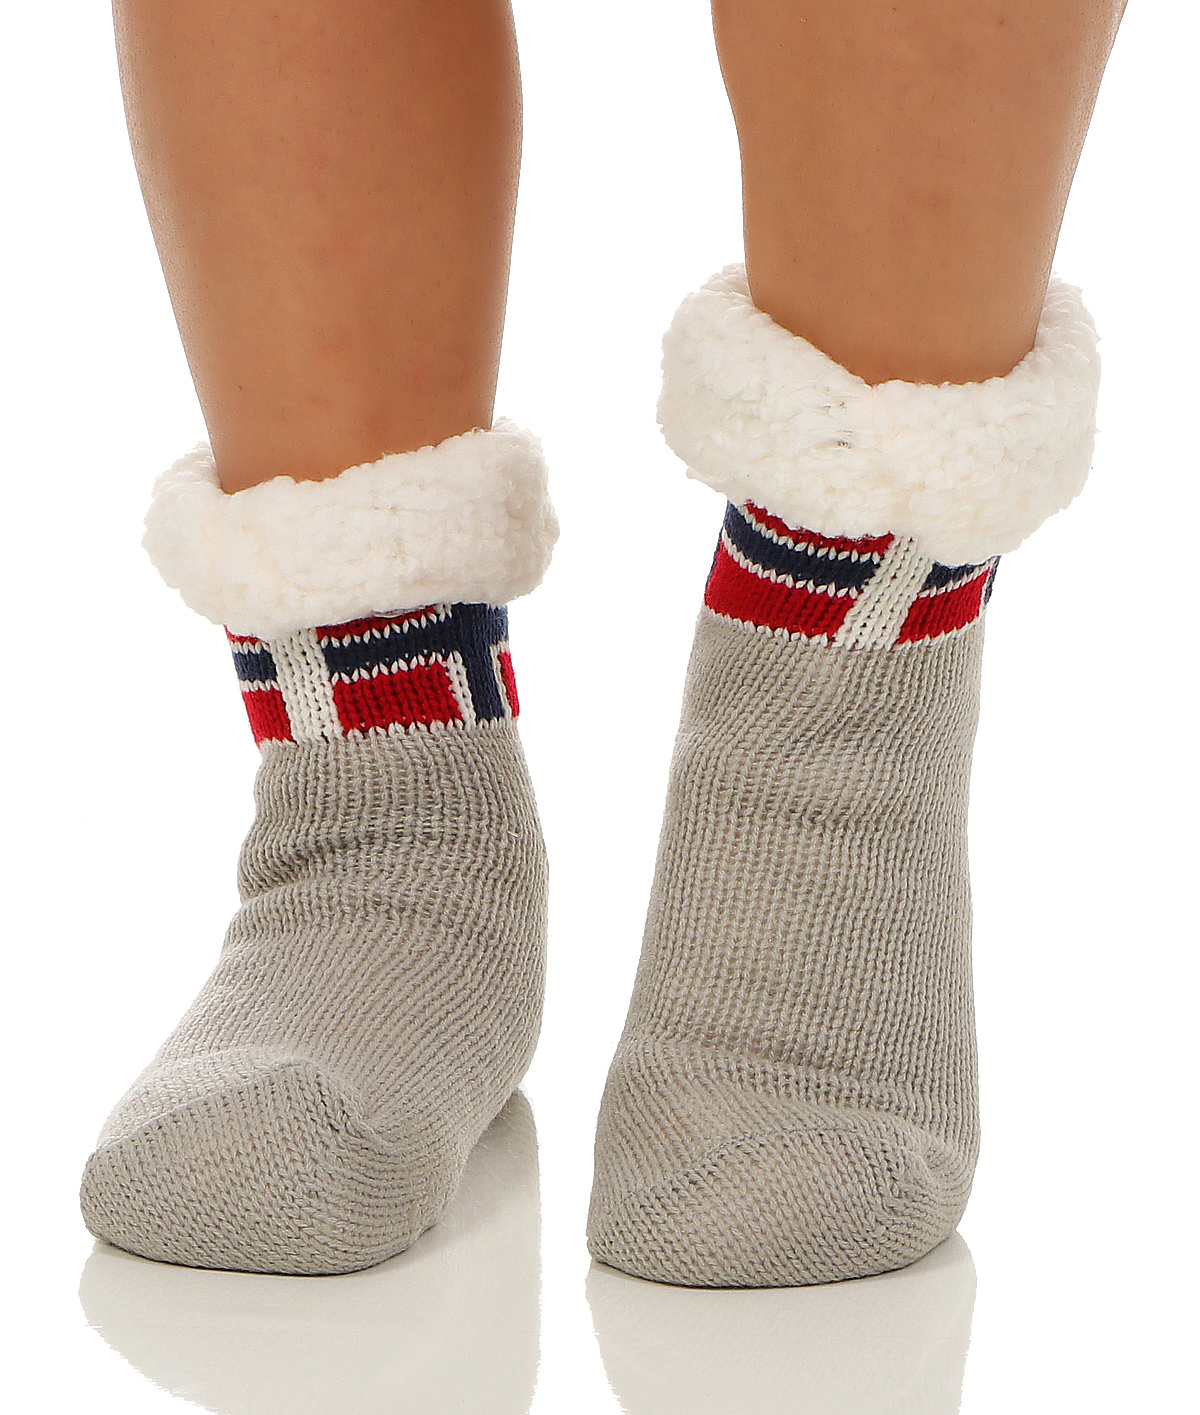 Socken von PUMA bieten Komfort und Stil für deine Füße.